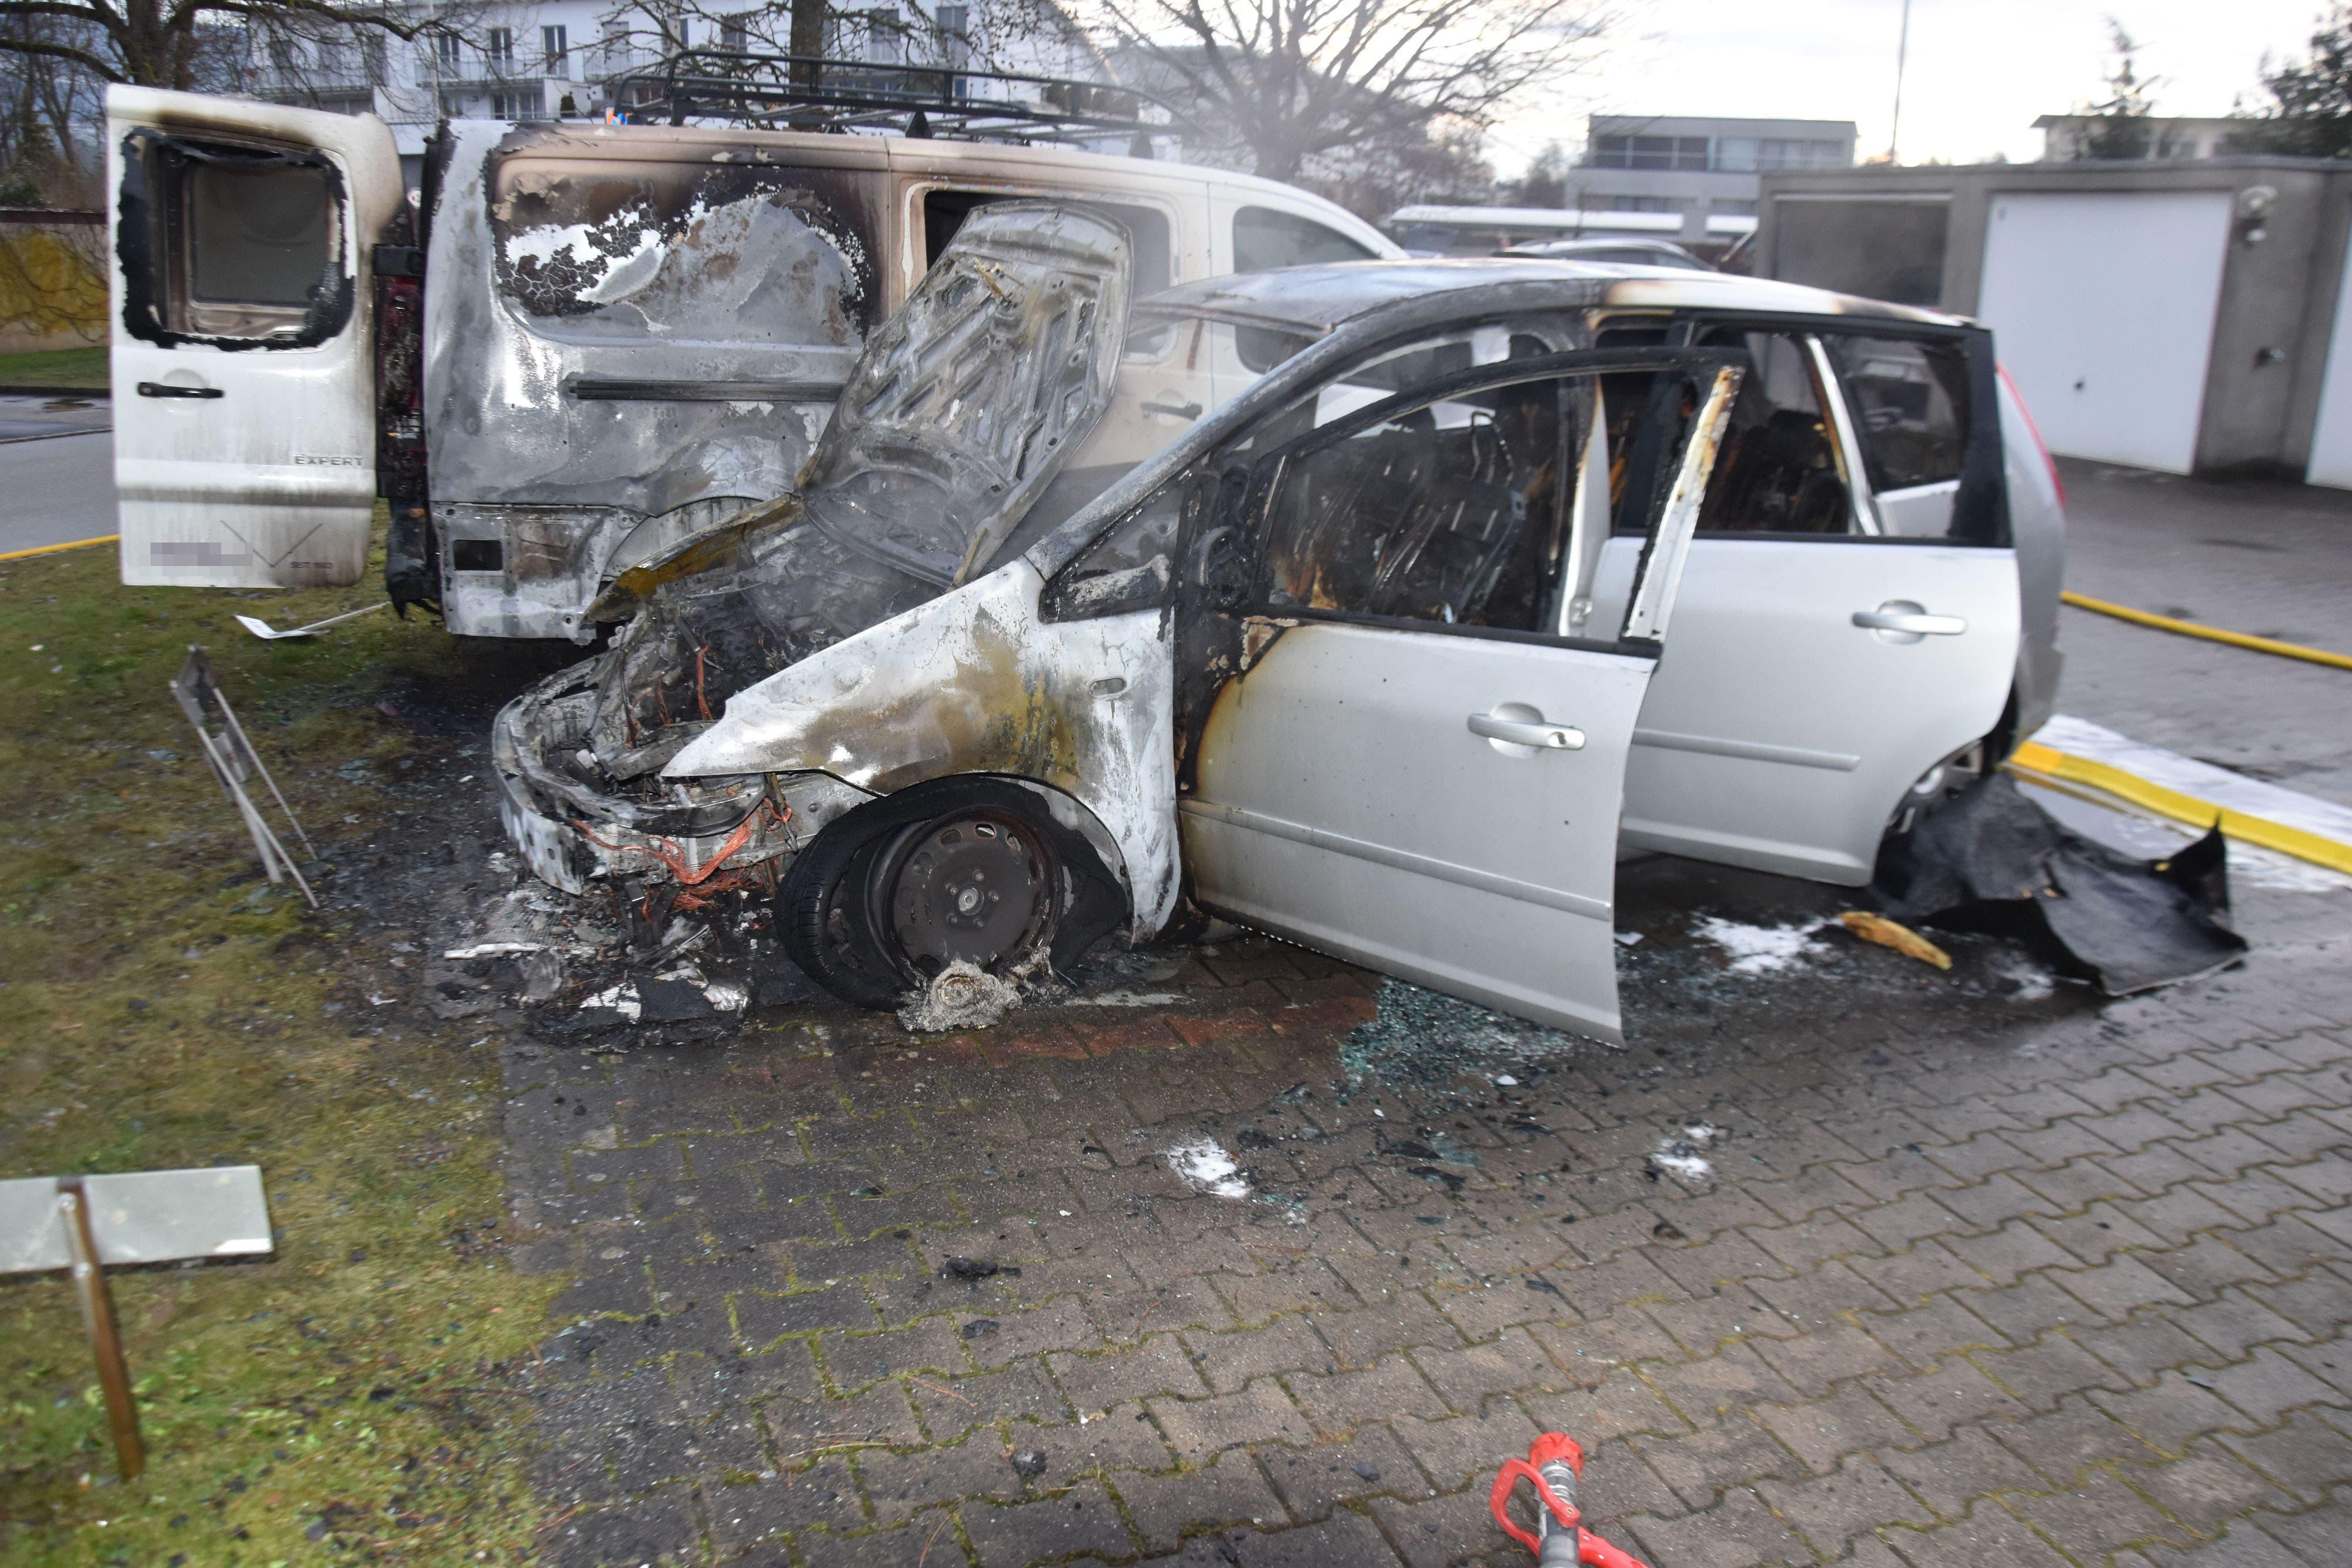 Die Fahrzeuge wurden durch den Brand stark beschädigt.